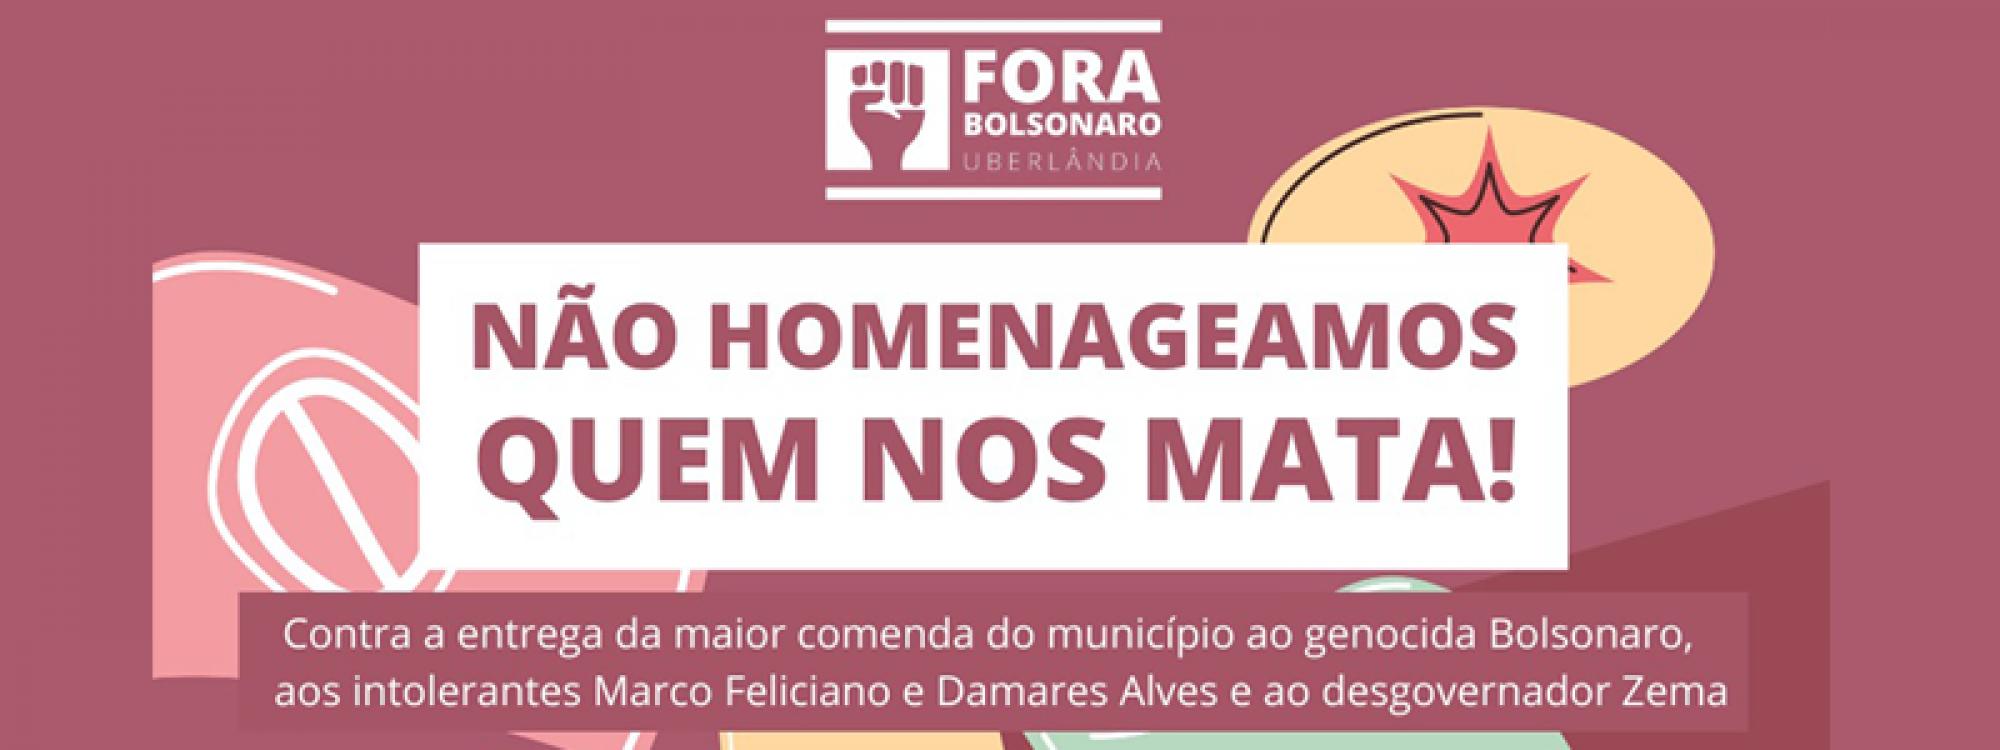 Não homenageamos quem nos mata: contra entrega de comenda municipal a Bolsonaro, Damares Alves, Marco Feliciano e Romeu Zema